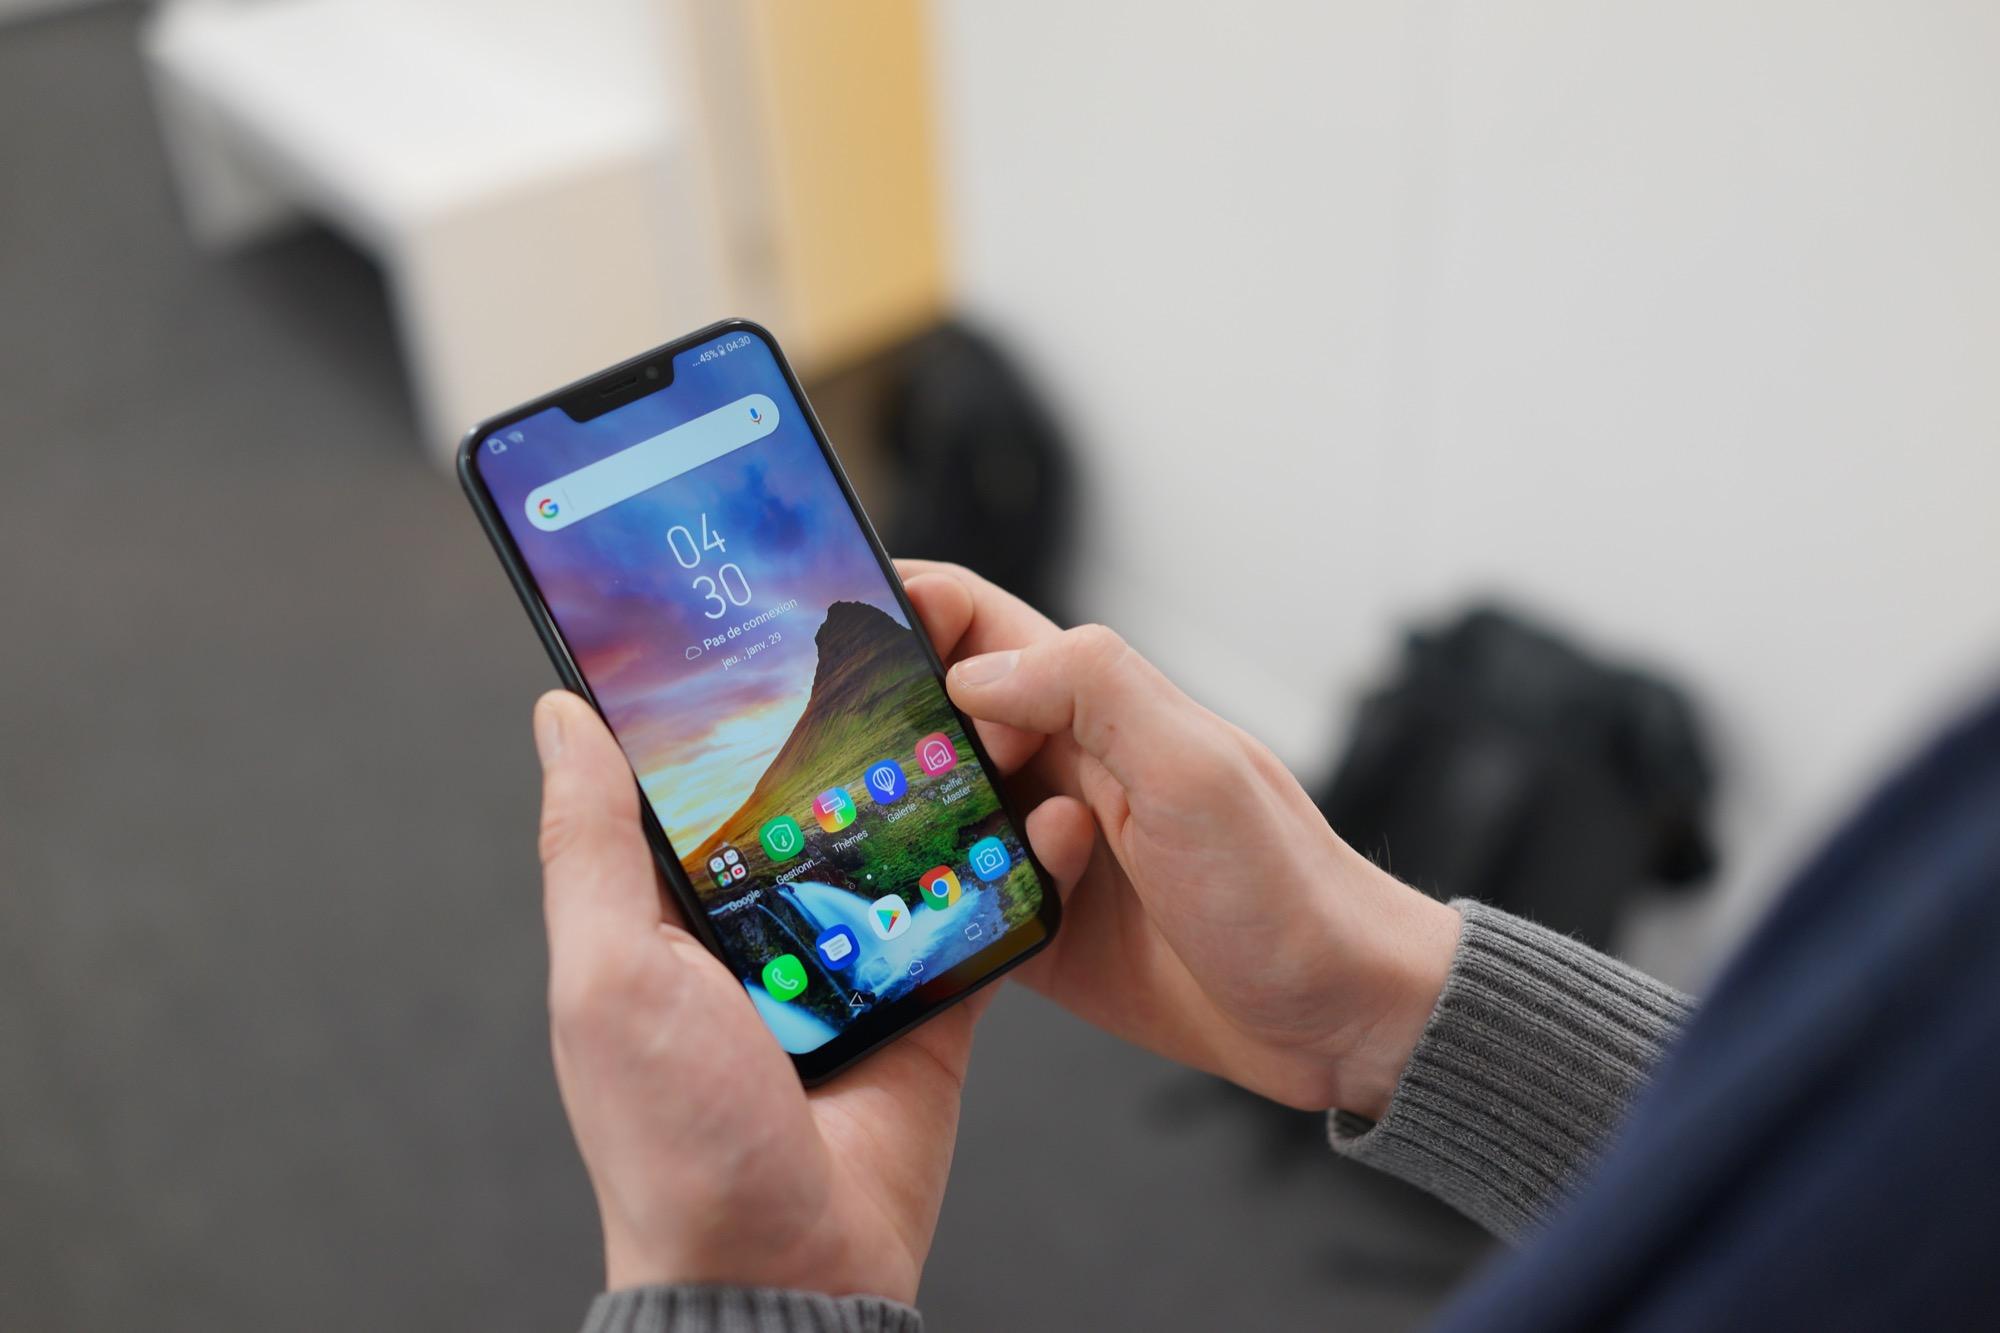 L'Asus Zenfone 5Z est de loin le meilleur rapport qualité/prix du MWC 2018